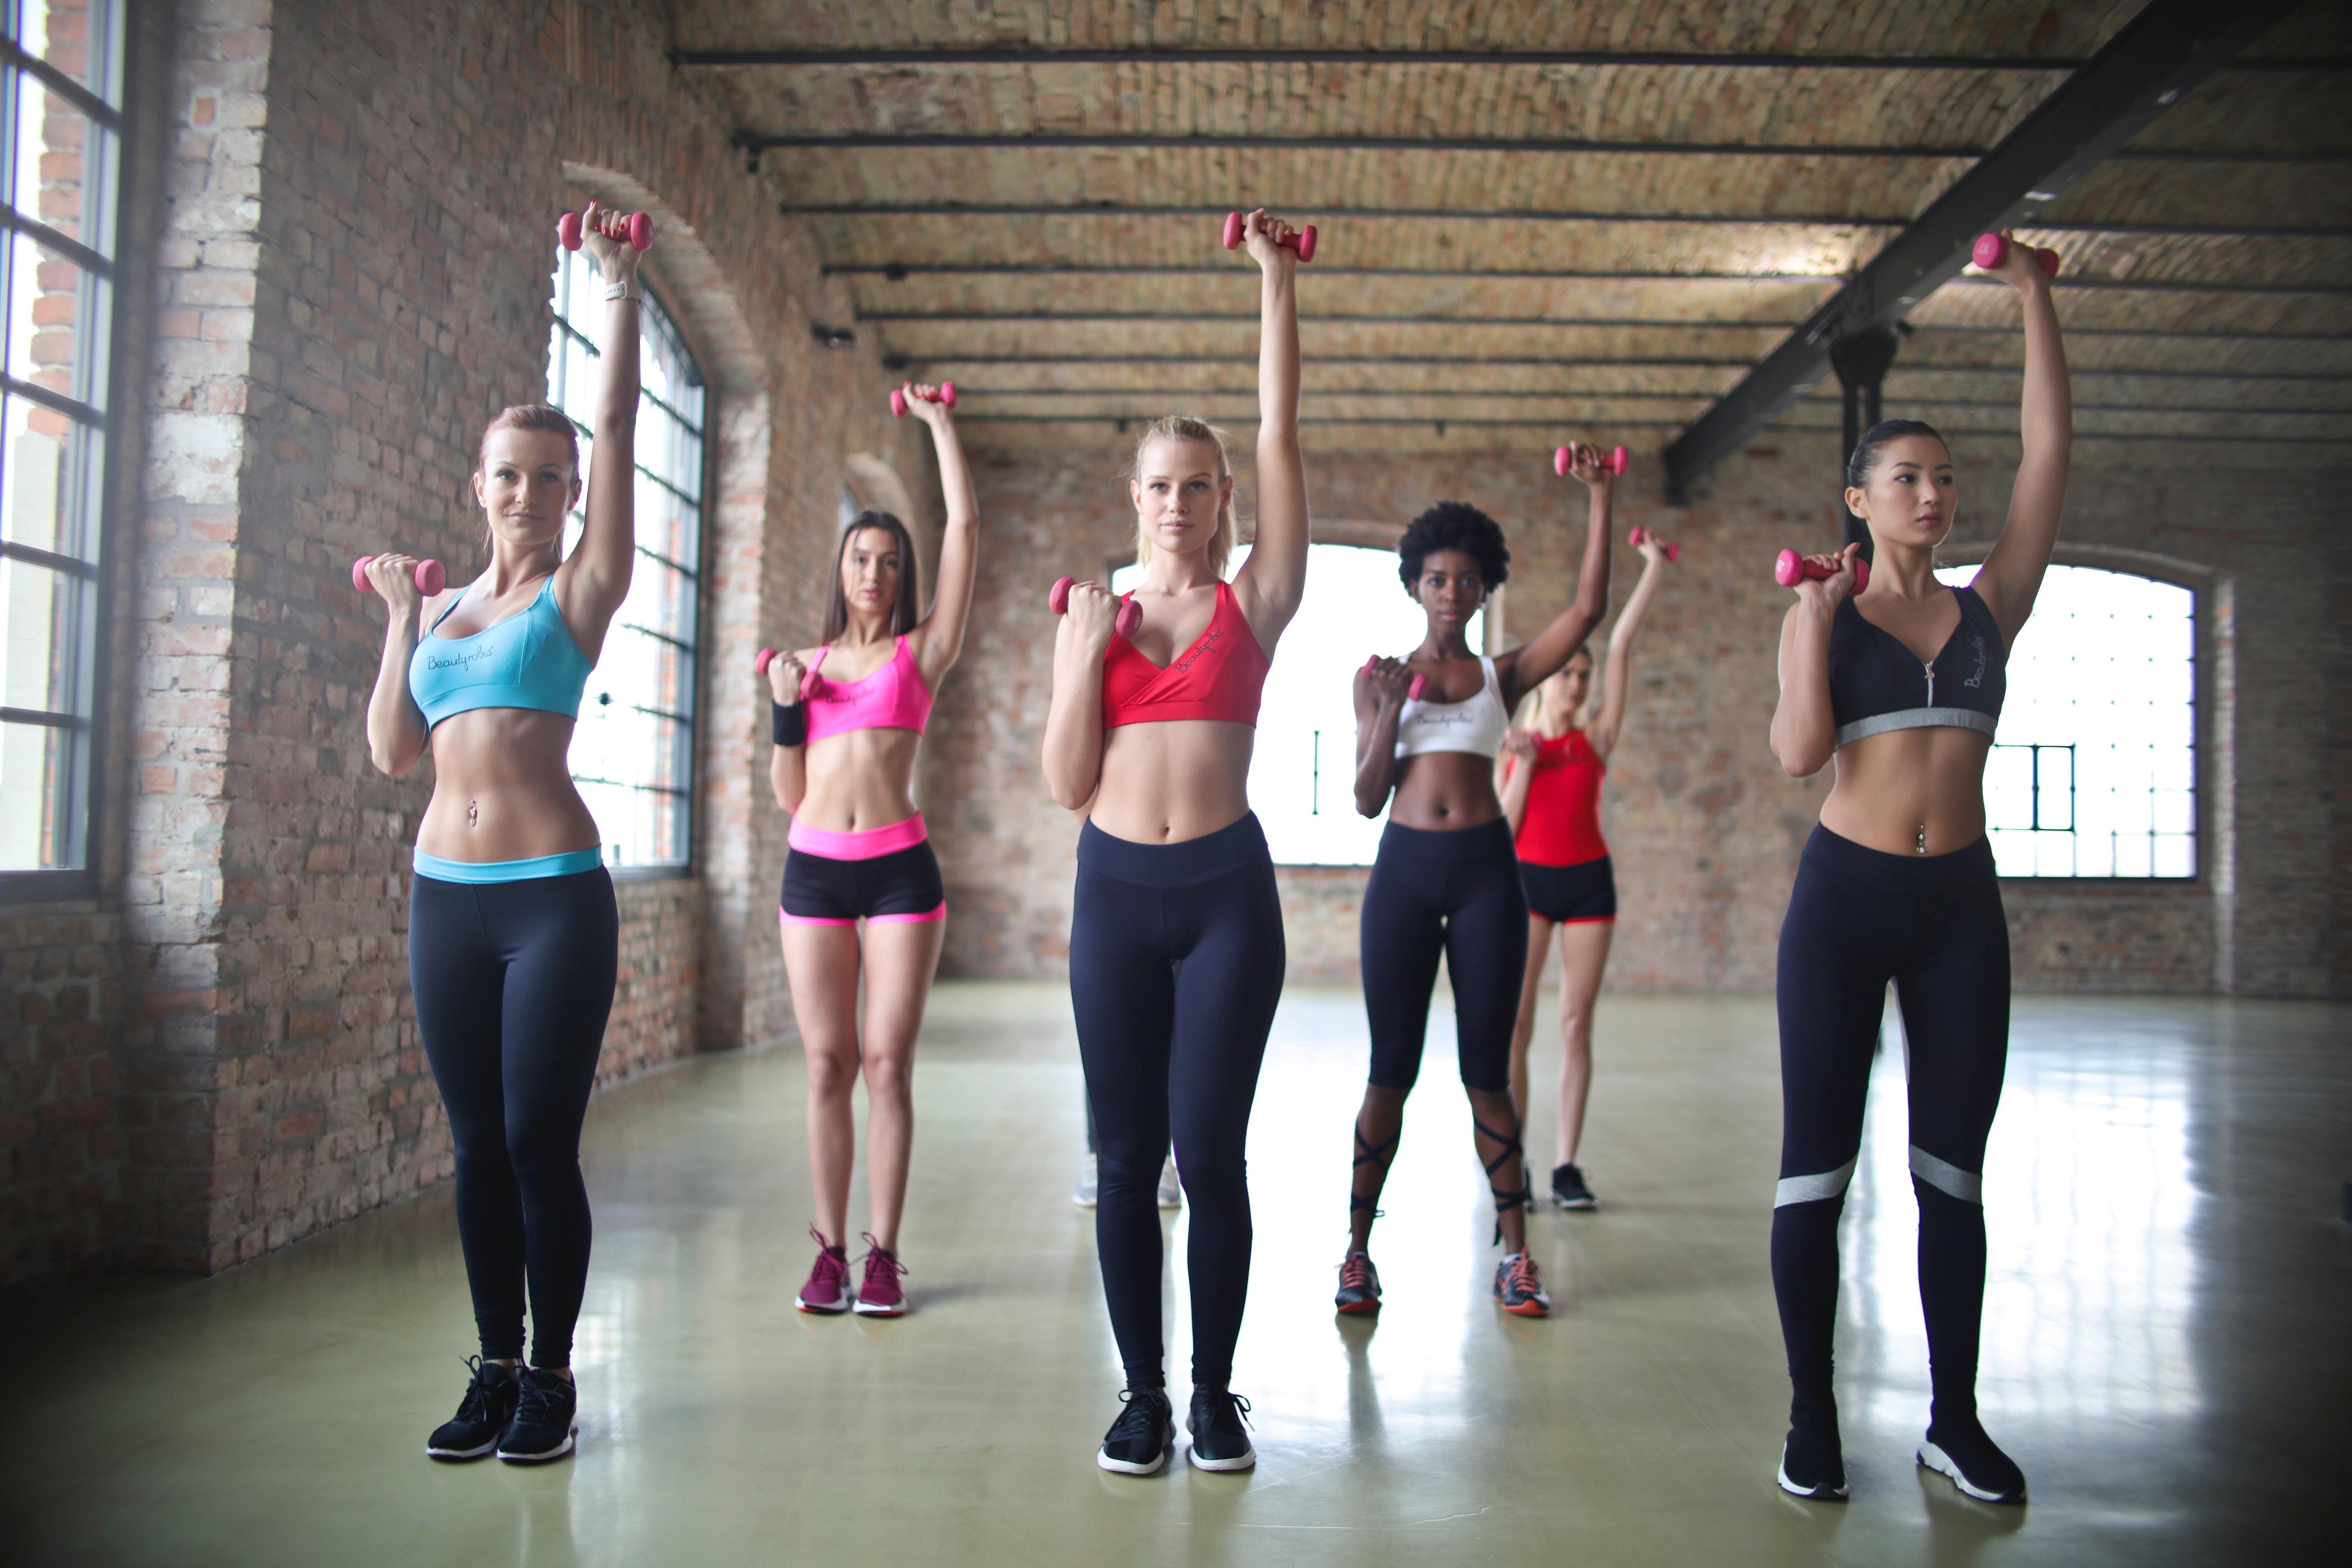 Aktivnost bo blagodejno vplivala na tvoje telo in dušo